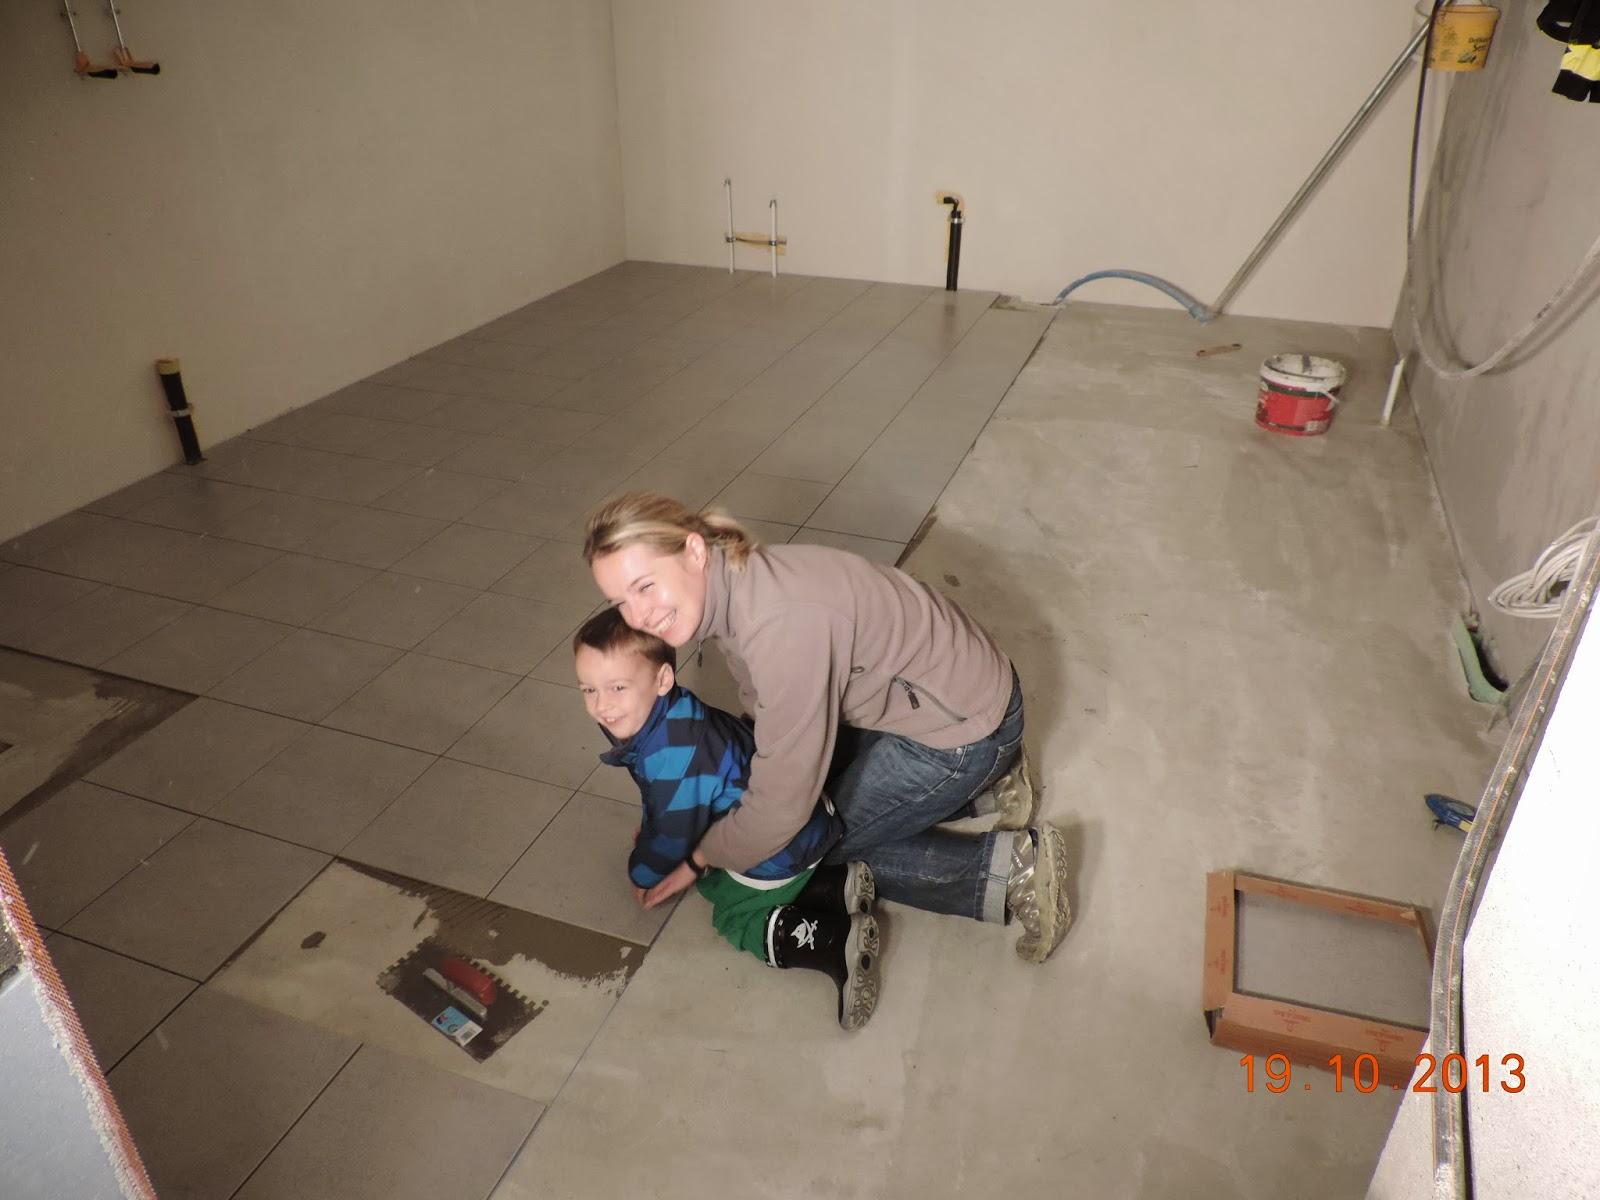 hausbau tagebuch von kathrin und kraxi kellerfliesen und. Black Bedroom Furniture Sets. Home Design Ideas